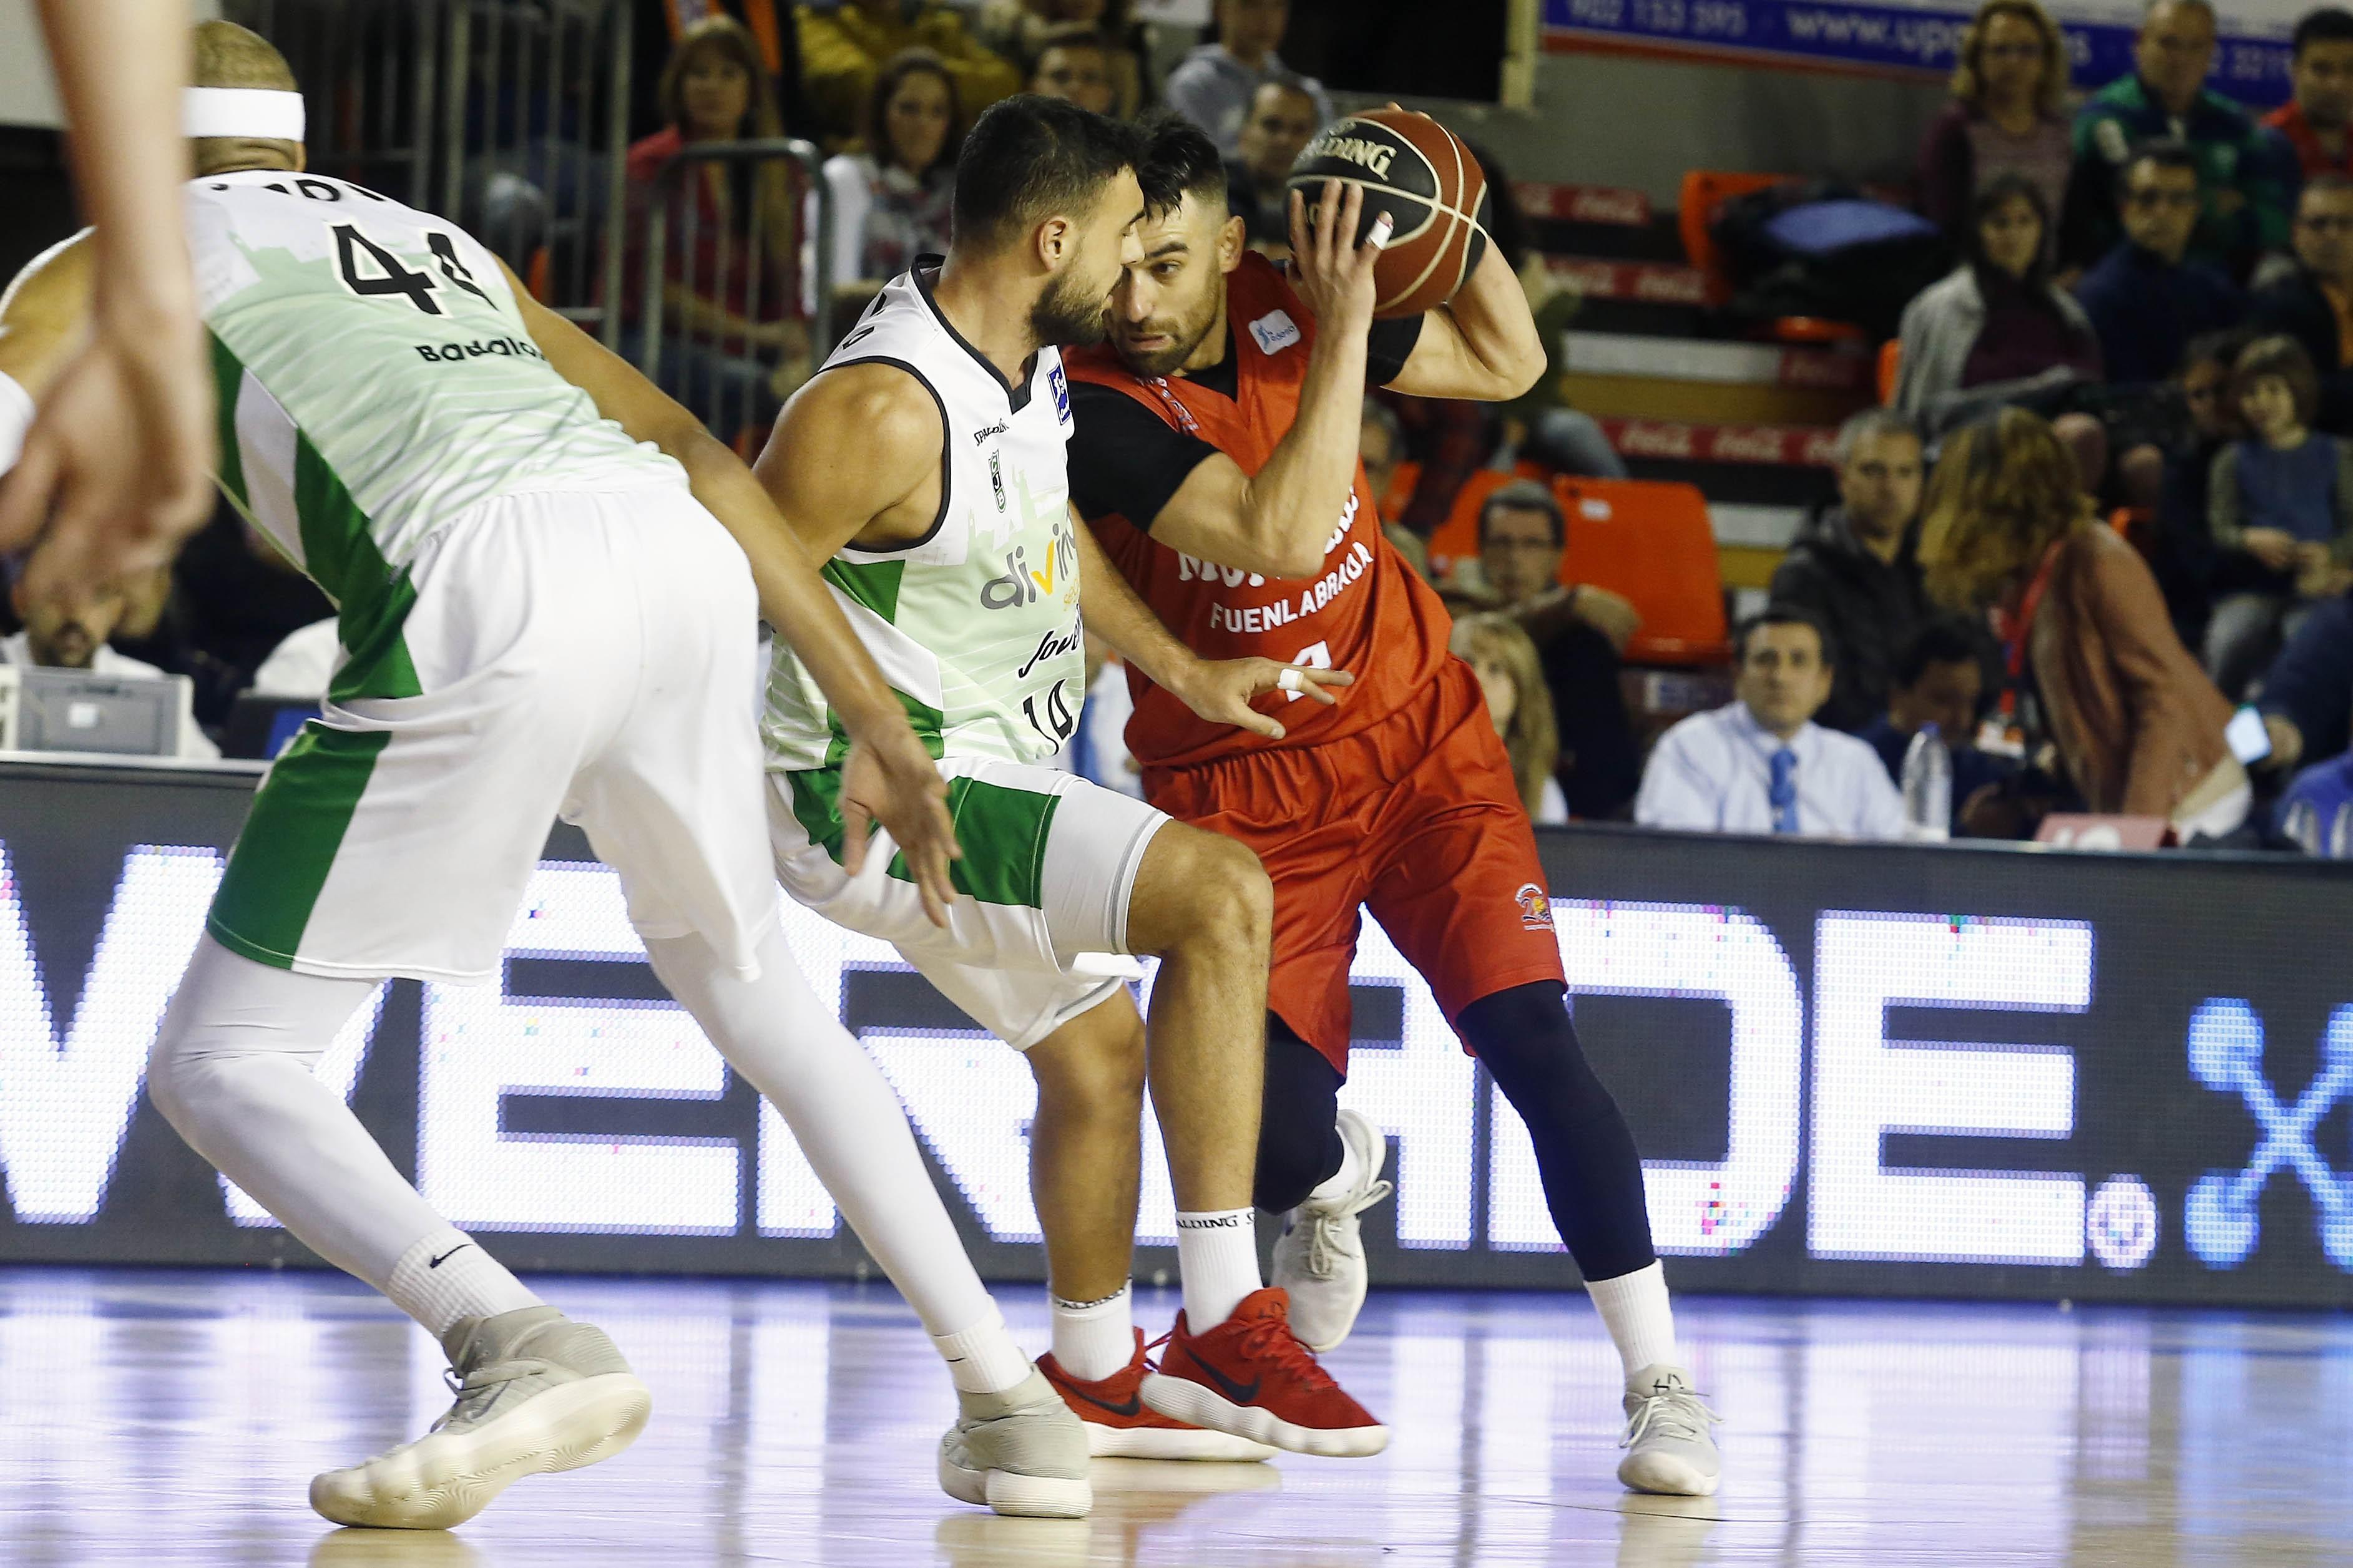 Estudiantes vence al Valencia Basket en un igualado partido el